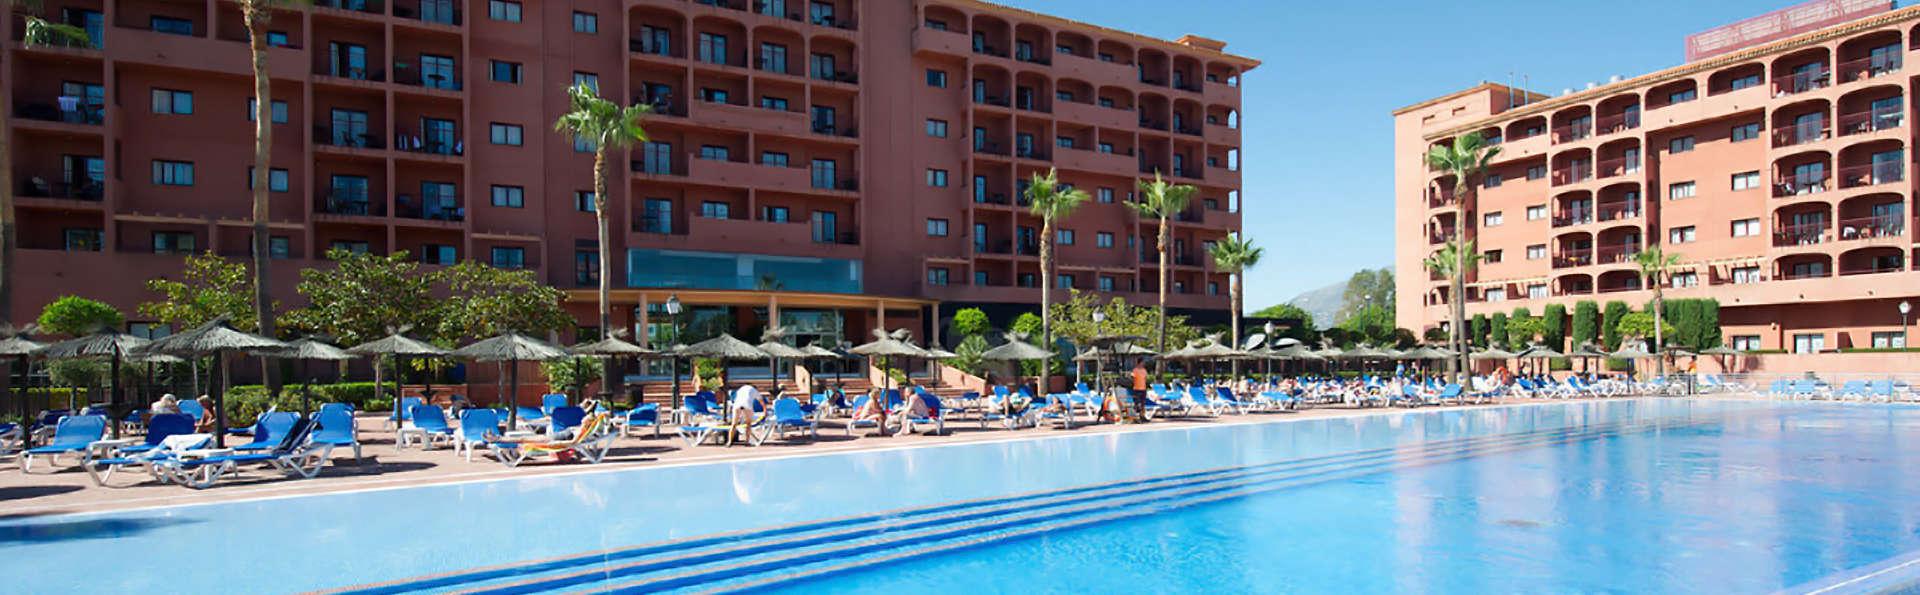 Spécial mini séjour: Week-end détente sur la Costa del Sol (à partir de 3 nuits)